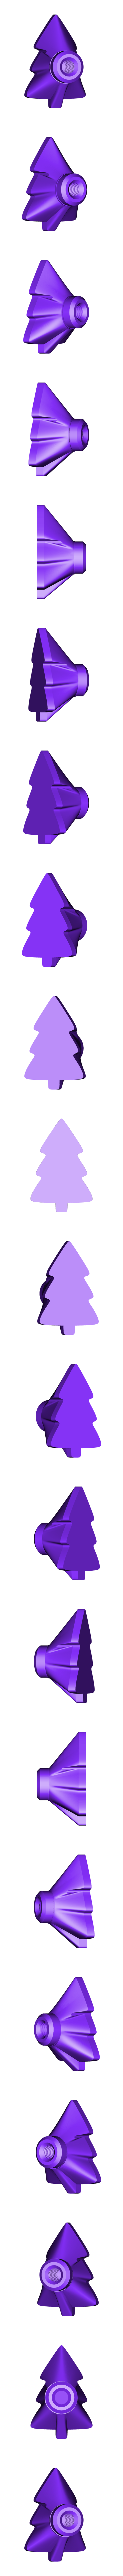 top.stl Télécharger fichier STL gratuit Sapin de Noël. Moule de bombe de bain • Objet pour impression 3D, 3DMills